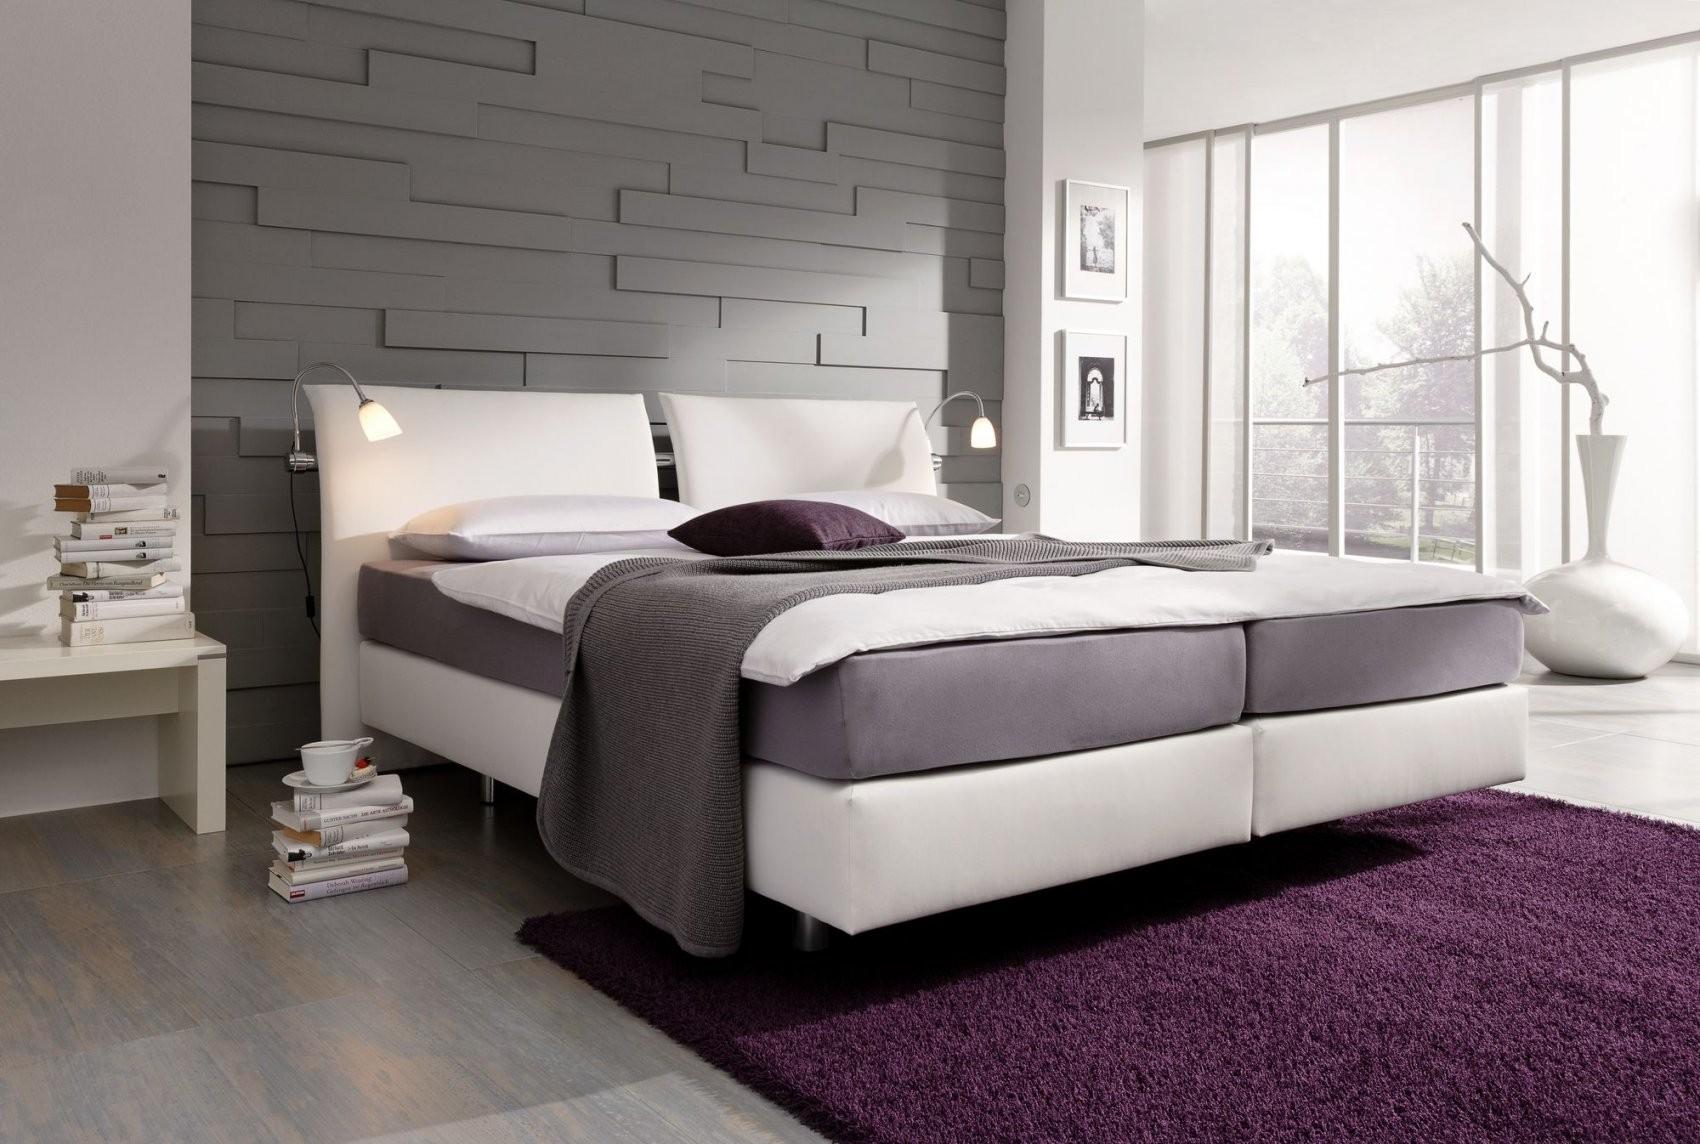 Boxspring Couture Ein Programm Für Höchsten Schlafkomfort von Hülsta Boxspring Bett Bild